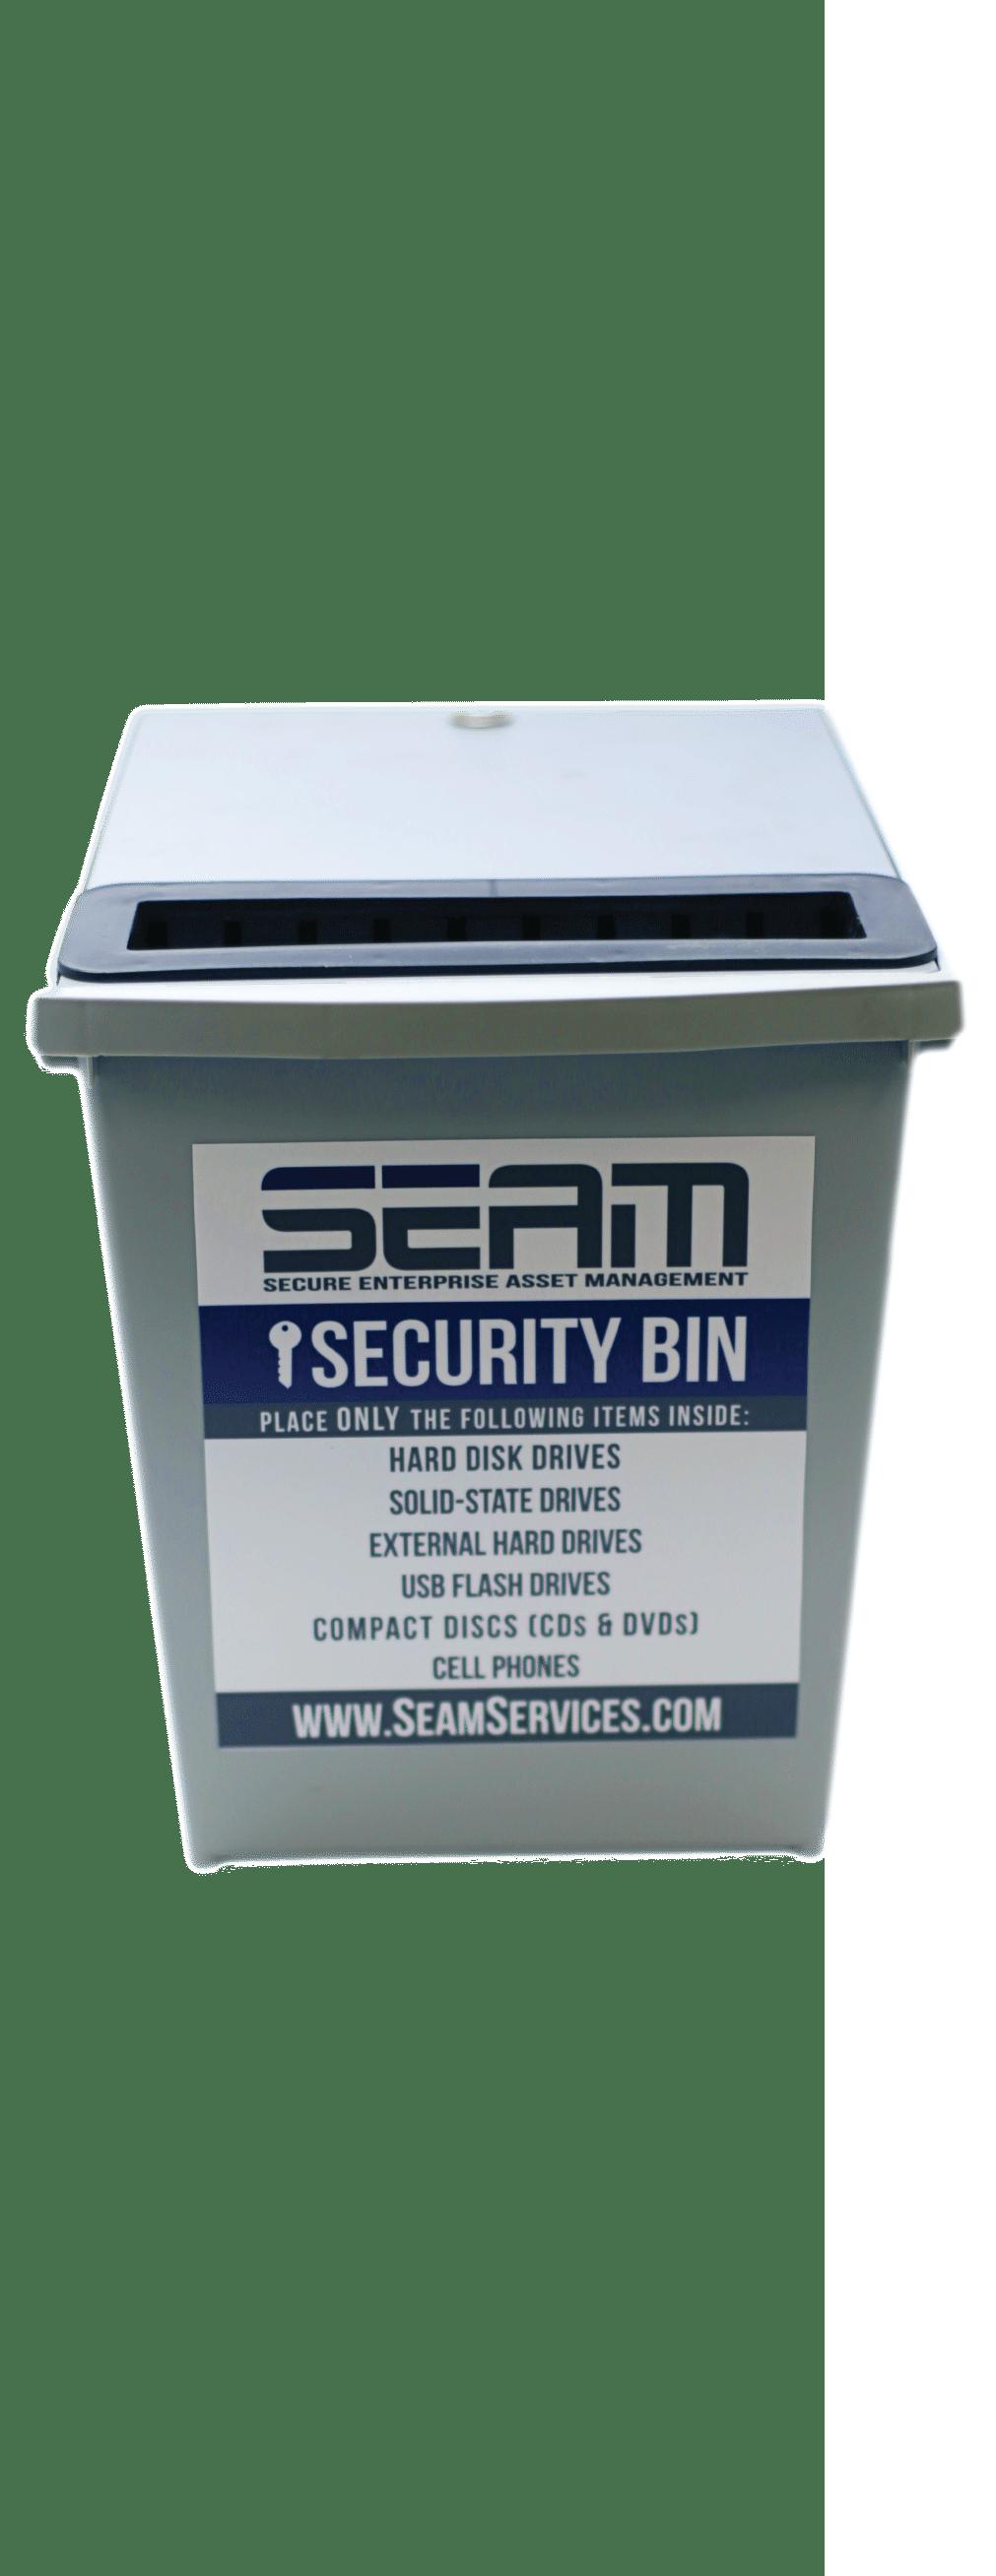 Security Bin